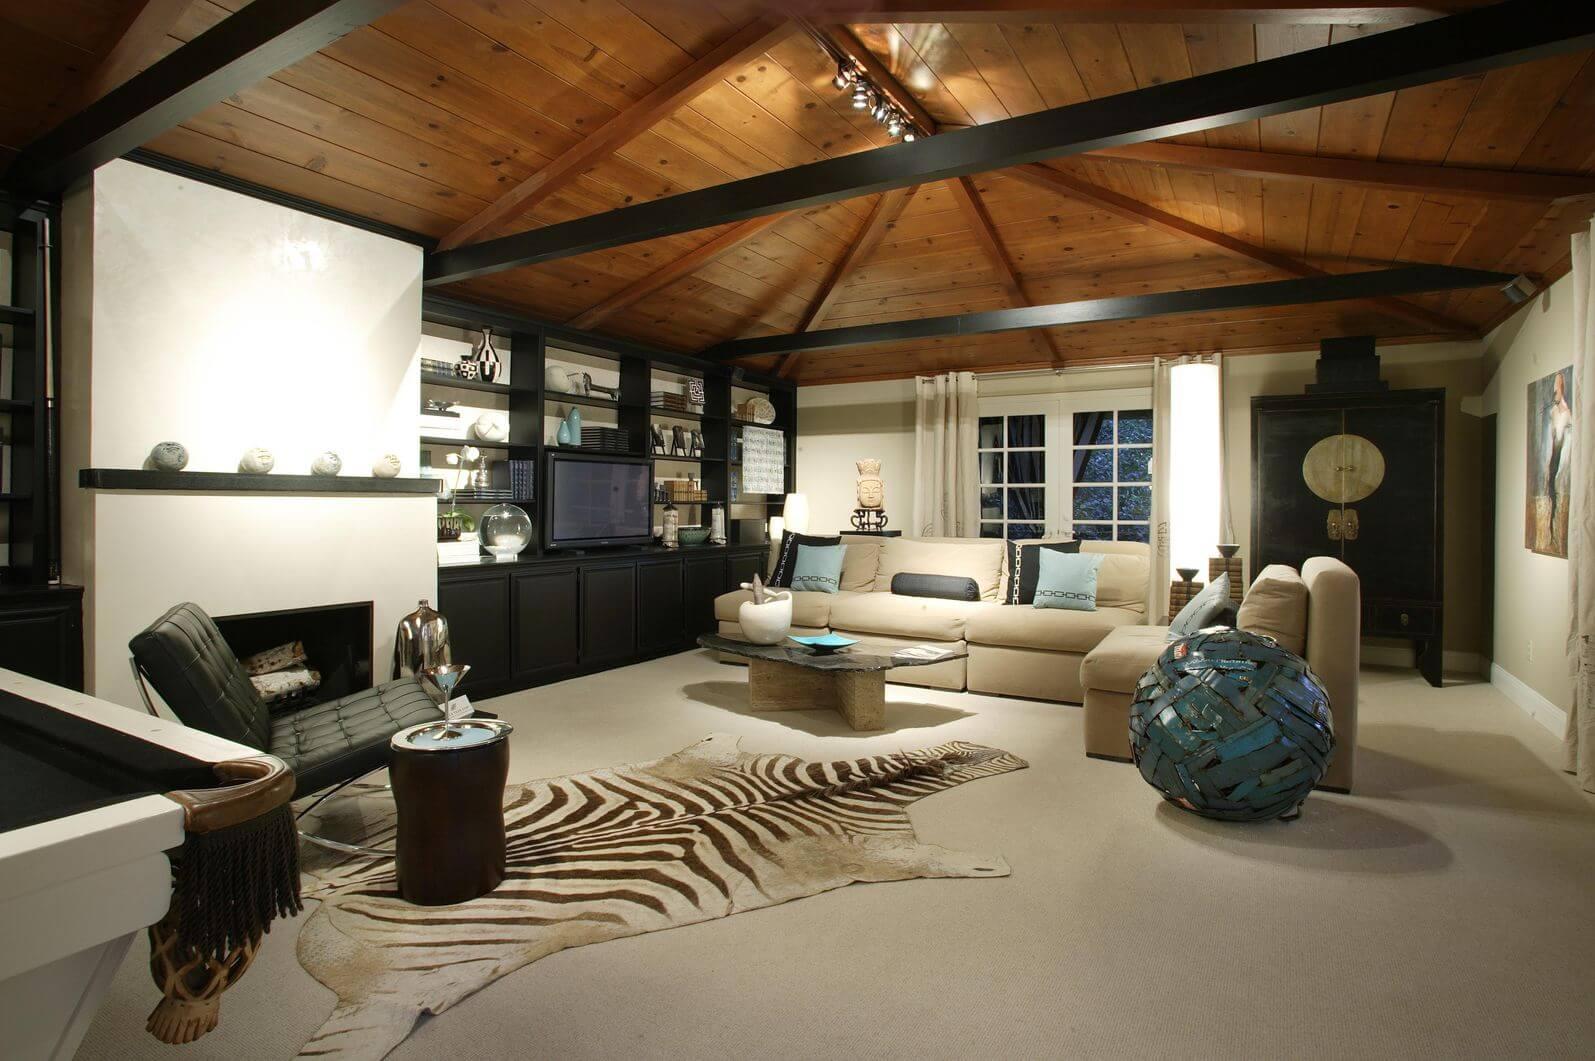 Grand salon décontracté avec un canapé et un fauteuil sans bras beiges, un fauteuil sans bras noir moderne et une large peau de zèbre sur le sol couvrant une grande partie de la pièce